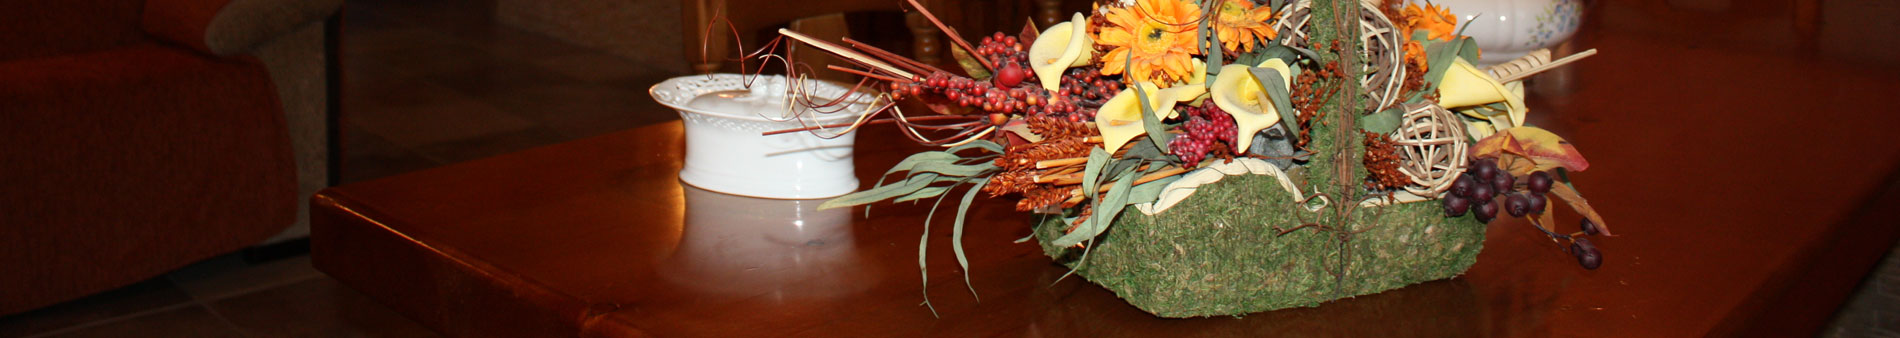 mesa con flores